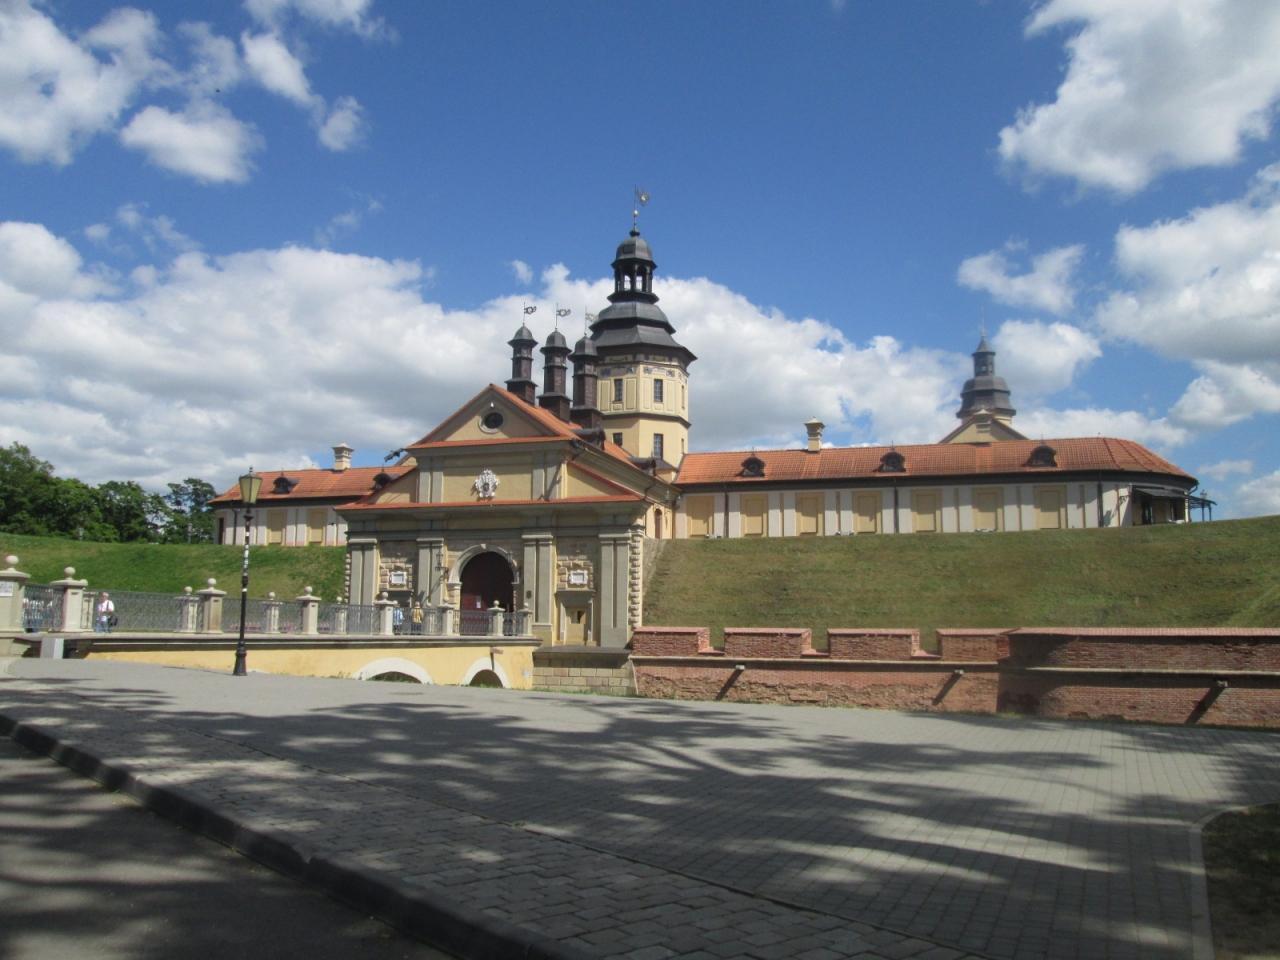 ネスヴィジ城の画像 p1_29